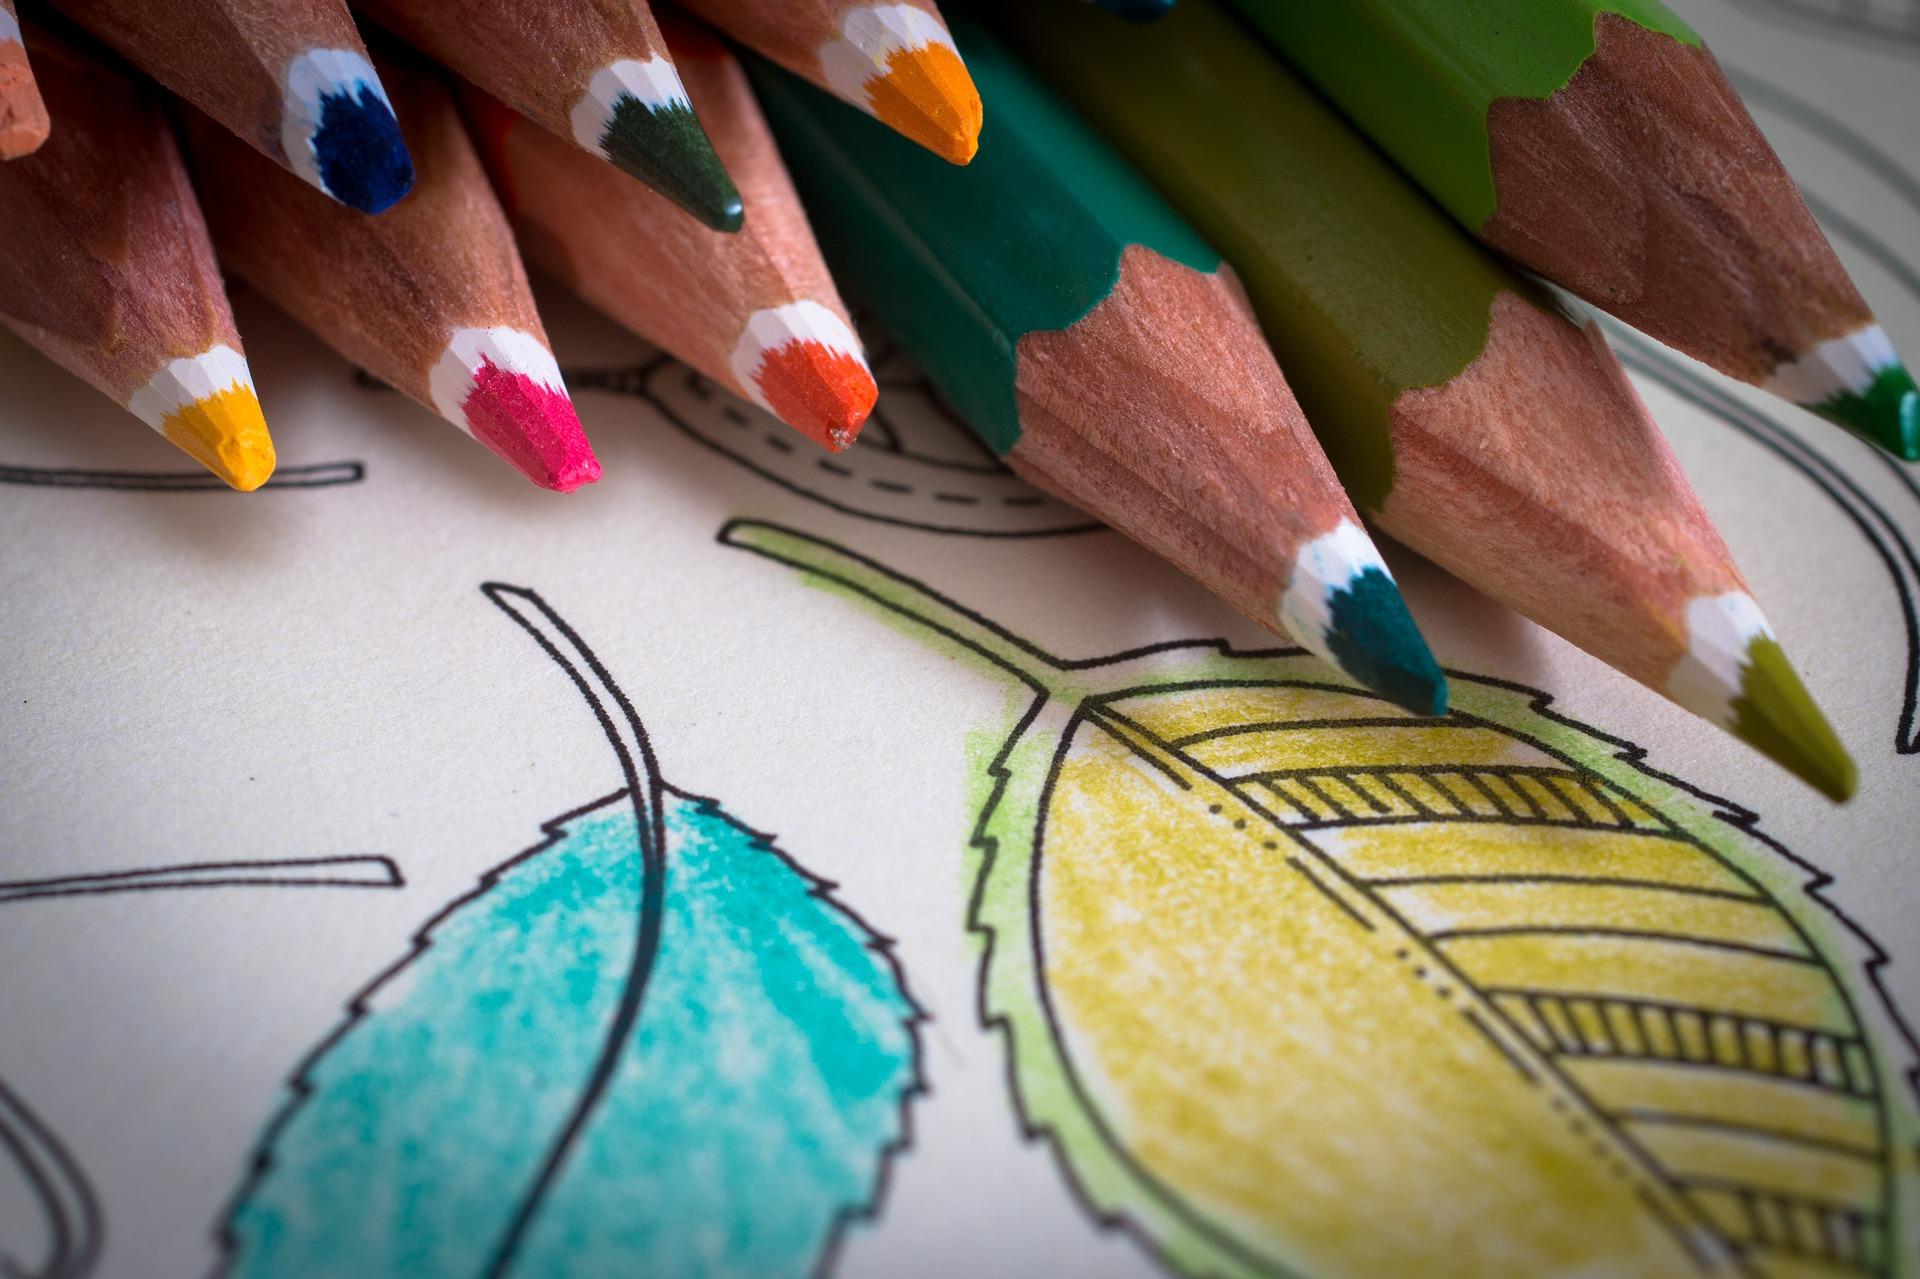 Eri värisiä värikyniä hiukan jo väritetyn värityskirjan sivun päällä.